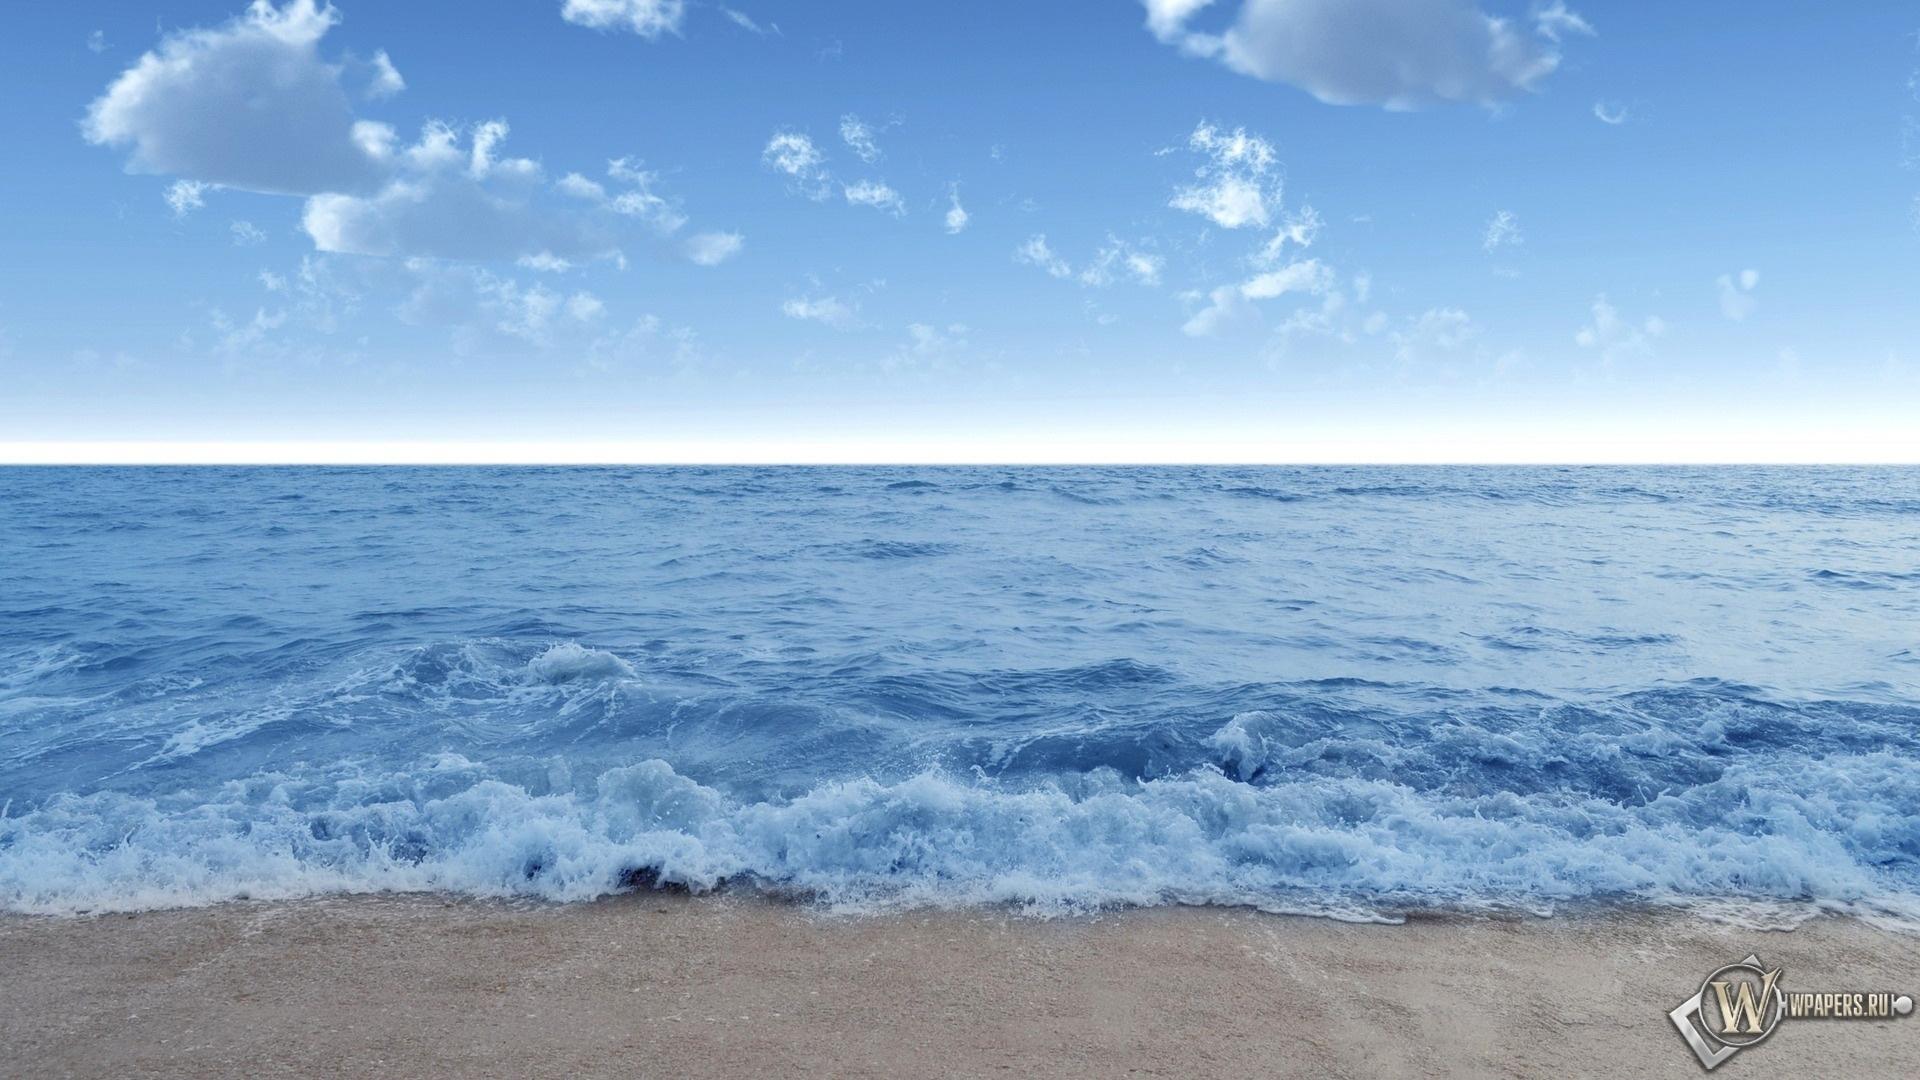 Спокойное море 1920x1080